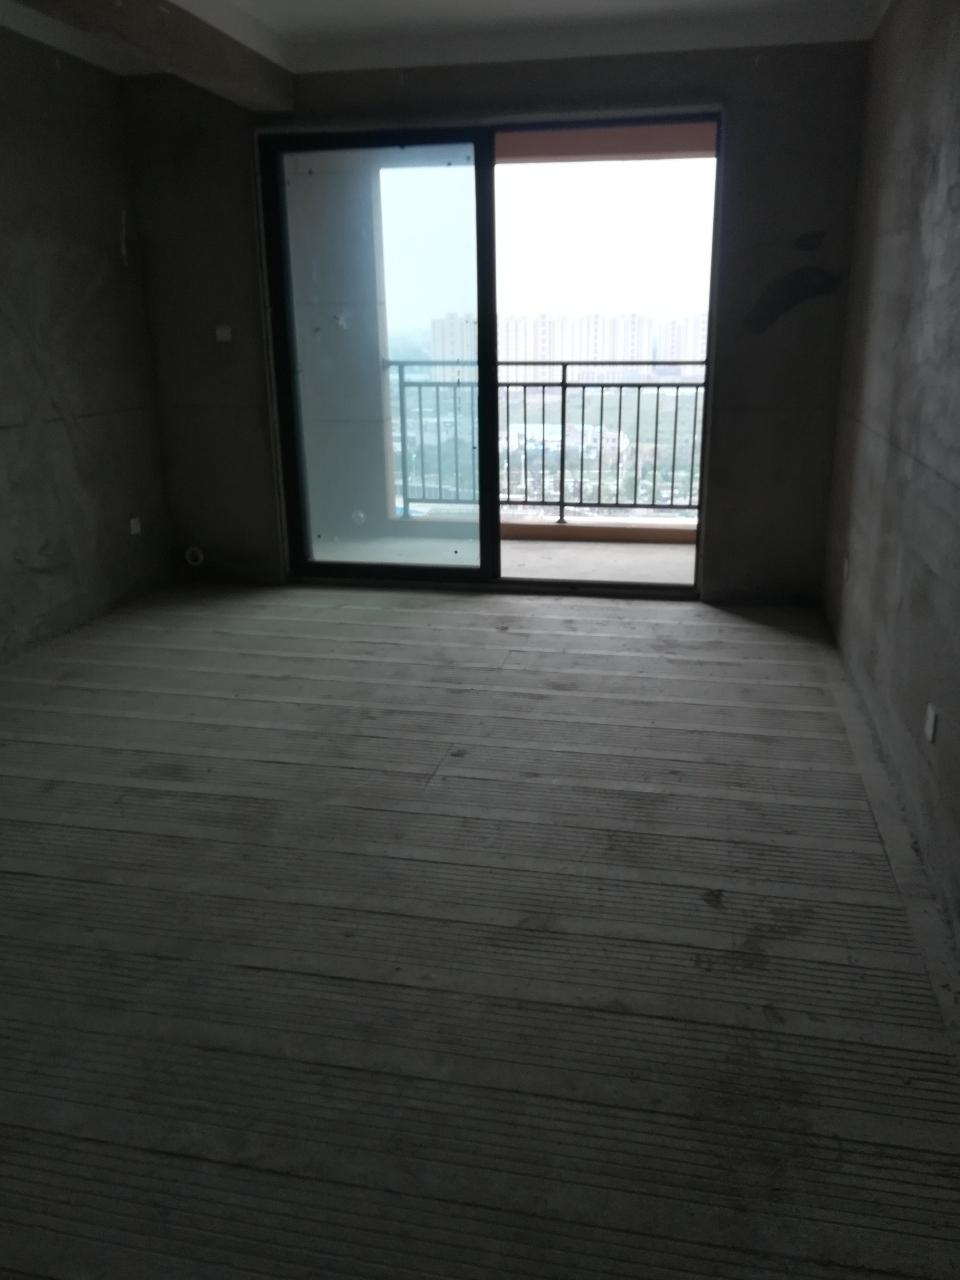 同运凯旋名门2室 2厅 1卫58万元